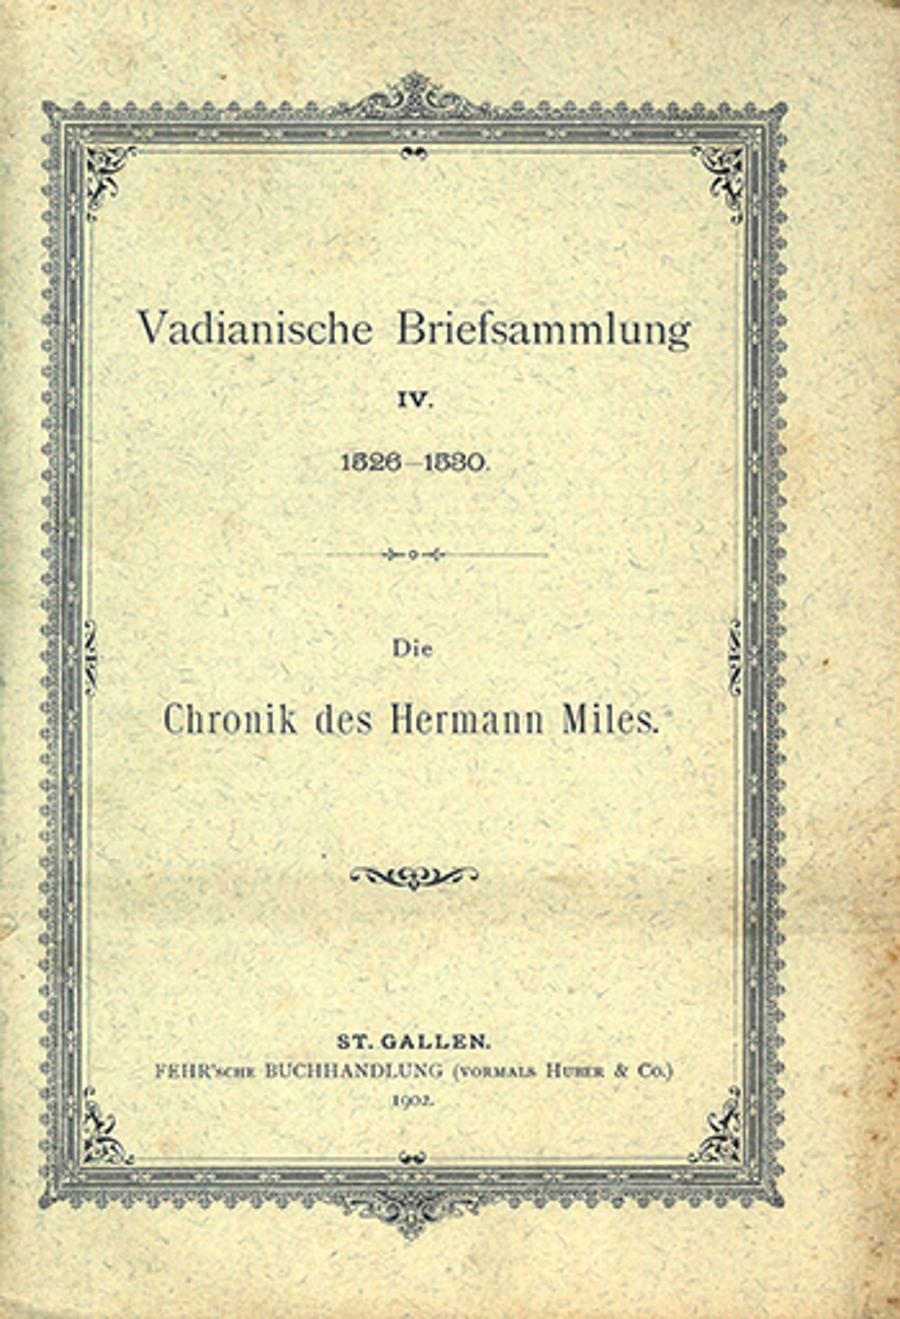 Vadianische Briefsammlung IV.  <p><p>1526-1530